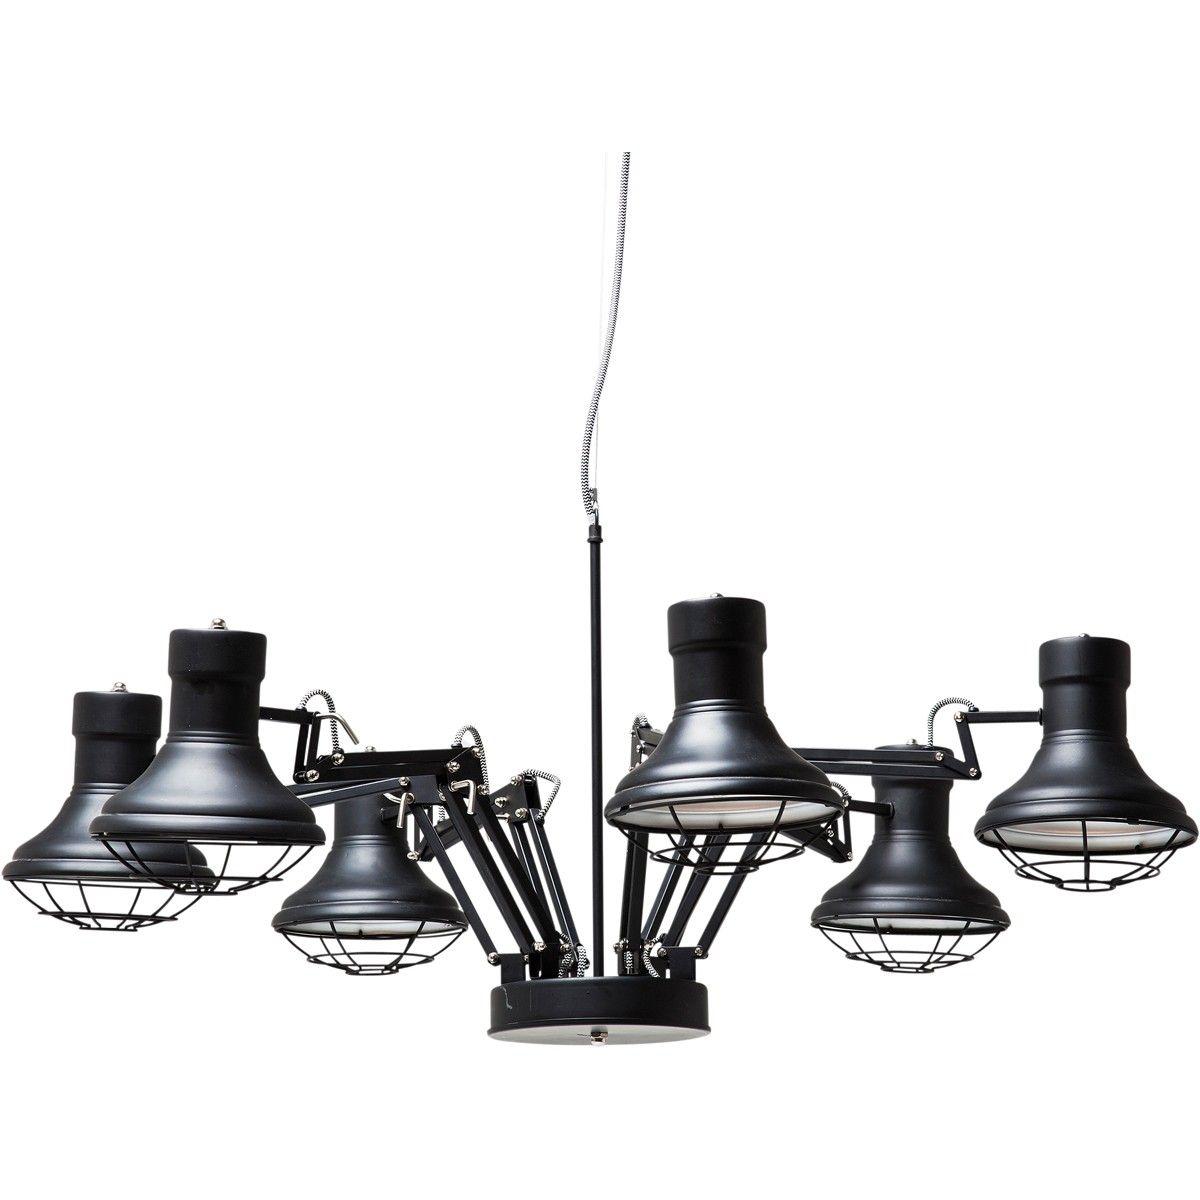 Trendhopper lamp Spider 349,00 | lampen | Pinterest | Spider